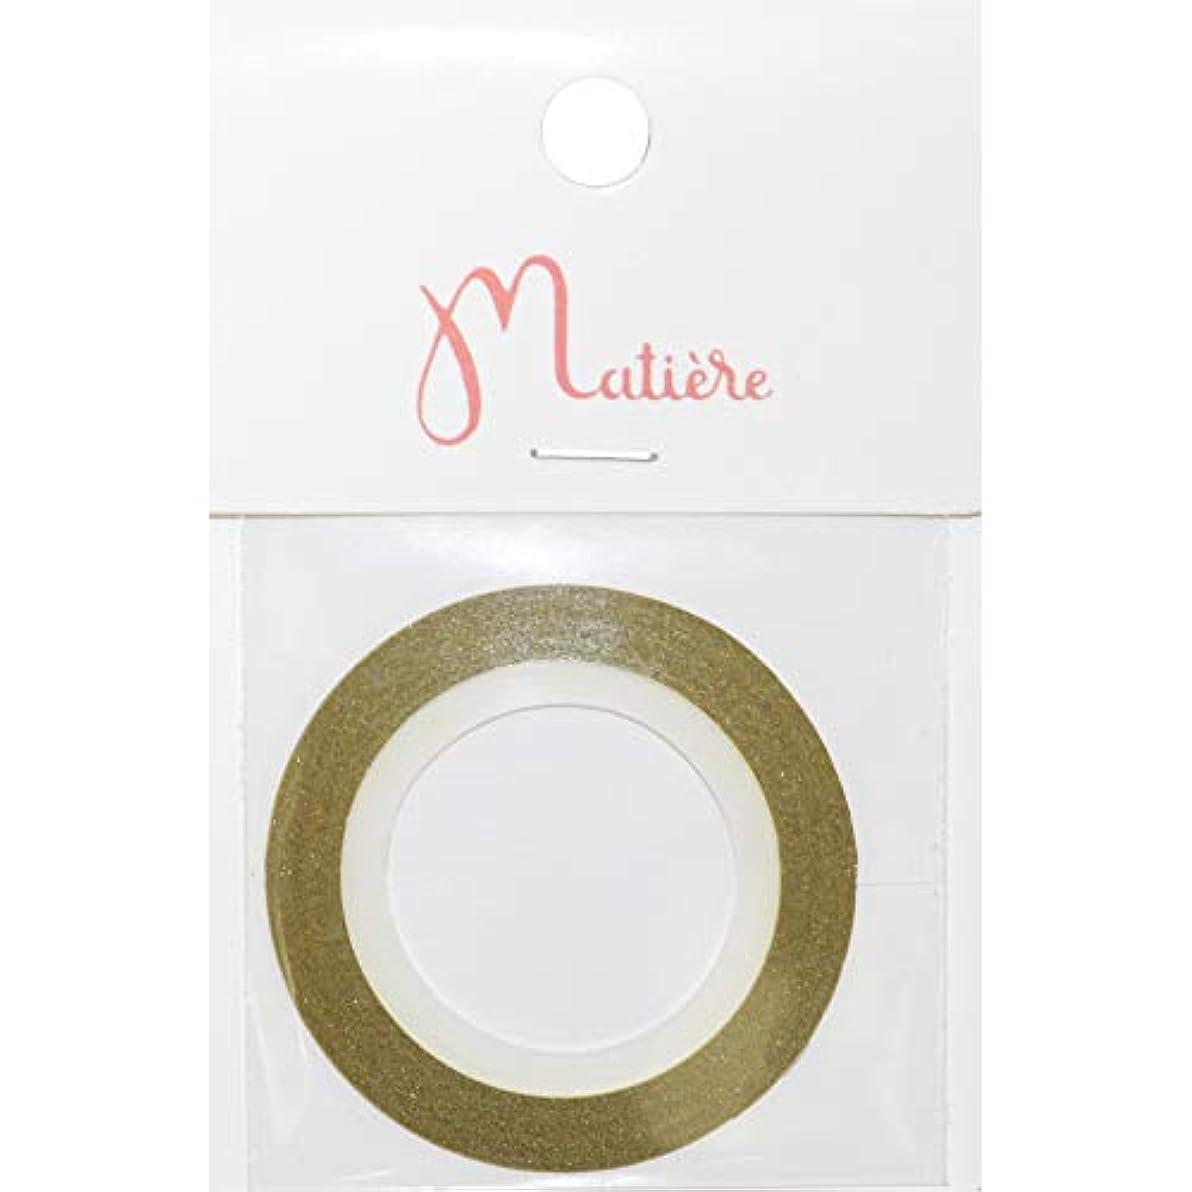 露出度の高い愛する砂利MATIERE グリッター ラインテープ ゴールド 1mm×8m